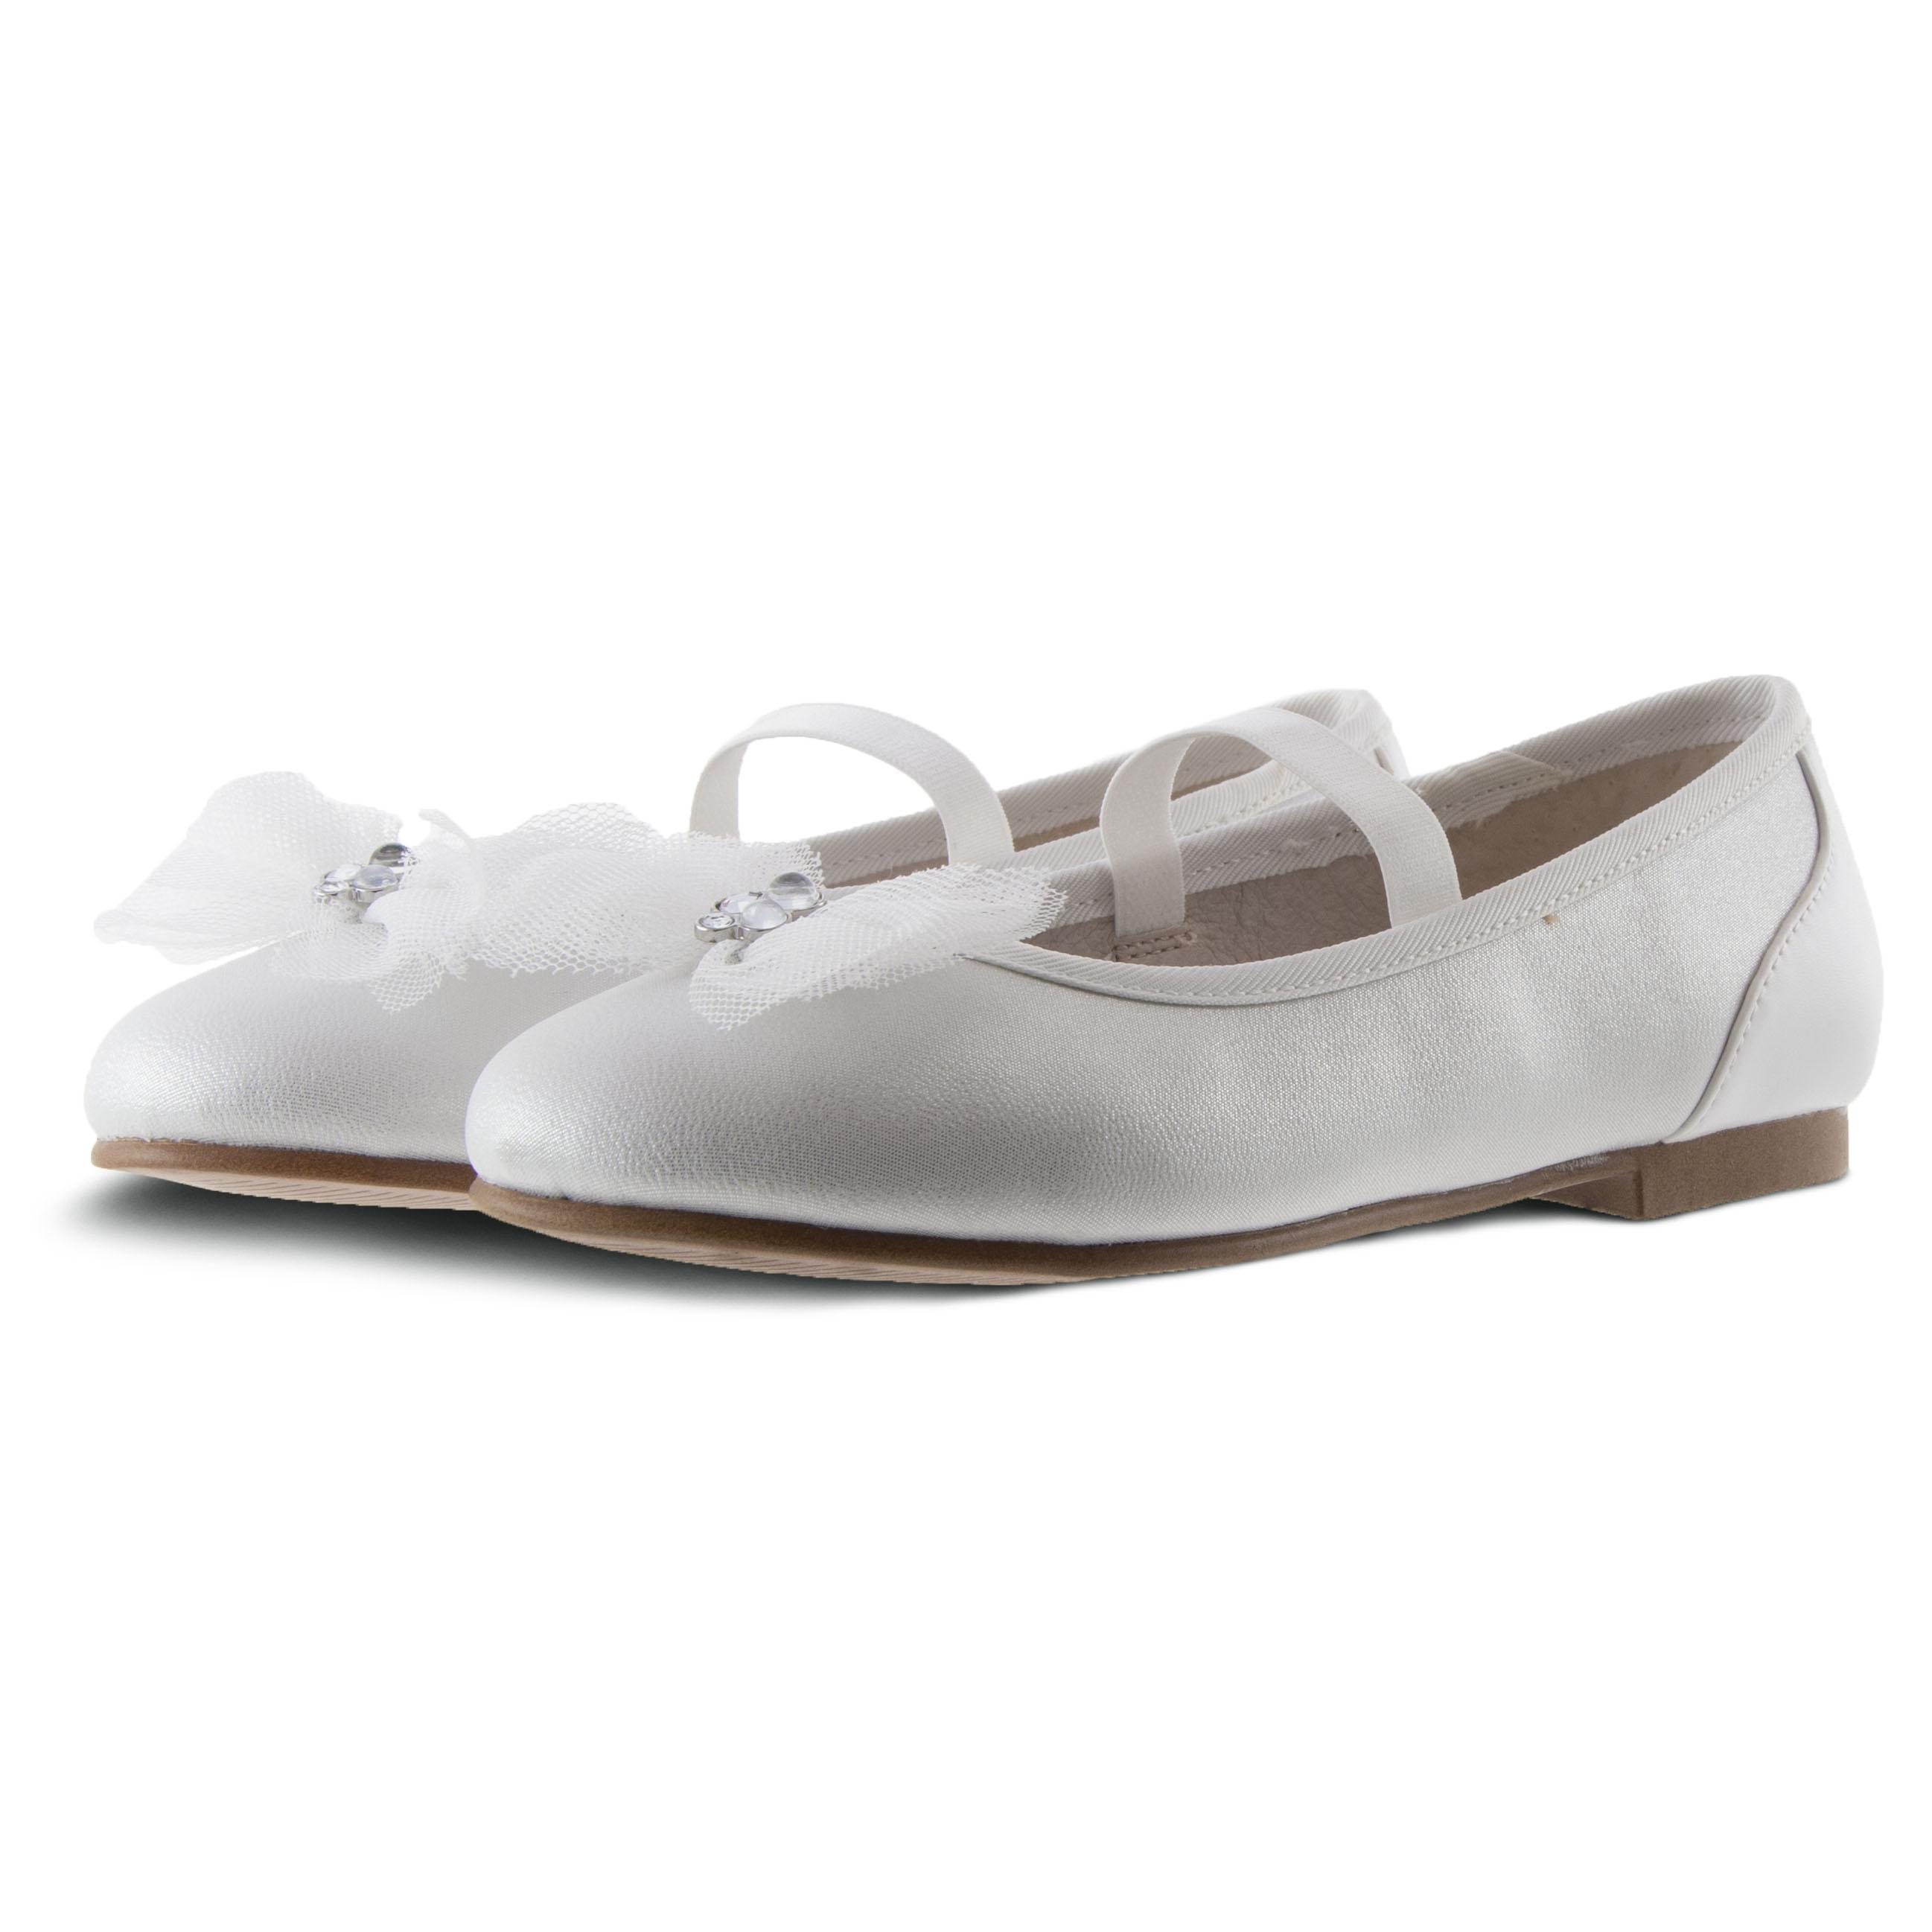 Κορίτσι μπαρέτα τούλι λευκό Mayoral 20-43149-085